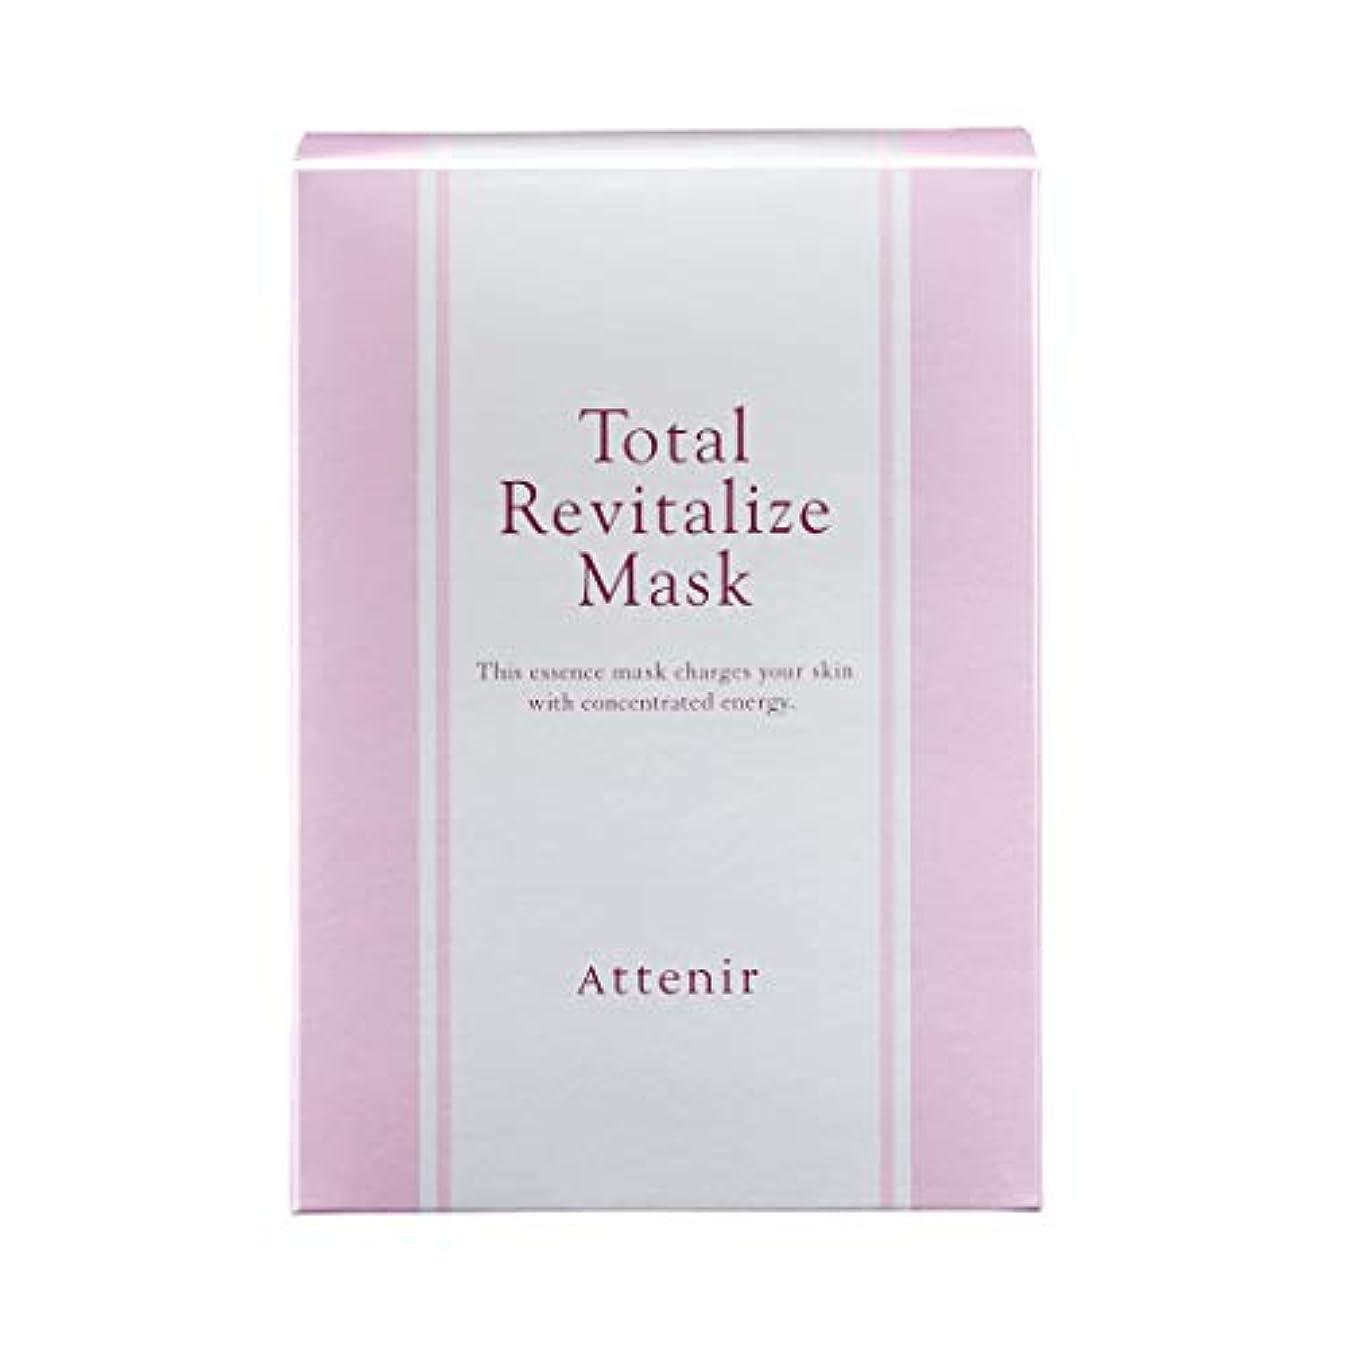 グラスパターン固めるアテニア トータルリヴァイタライズ マスク肌疲労ケアシートマスク 全顔用 6包入り フェイスパック